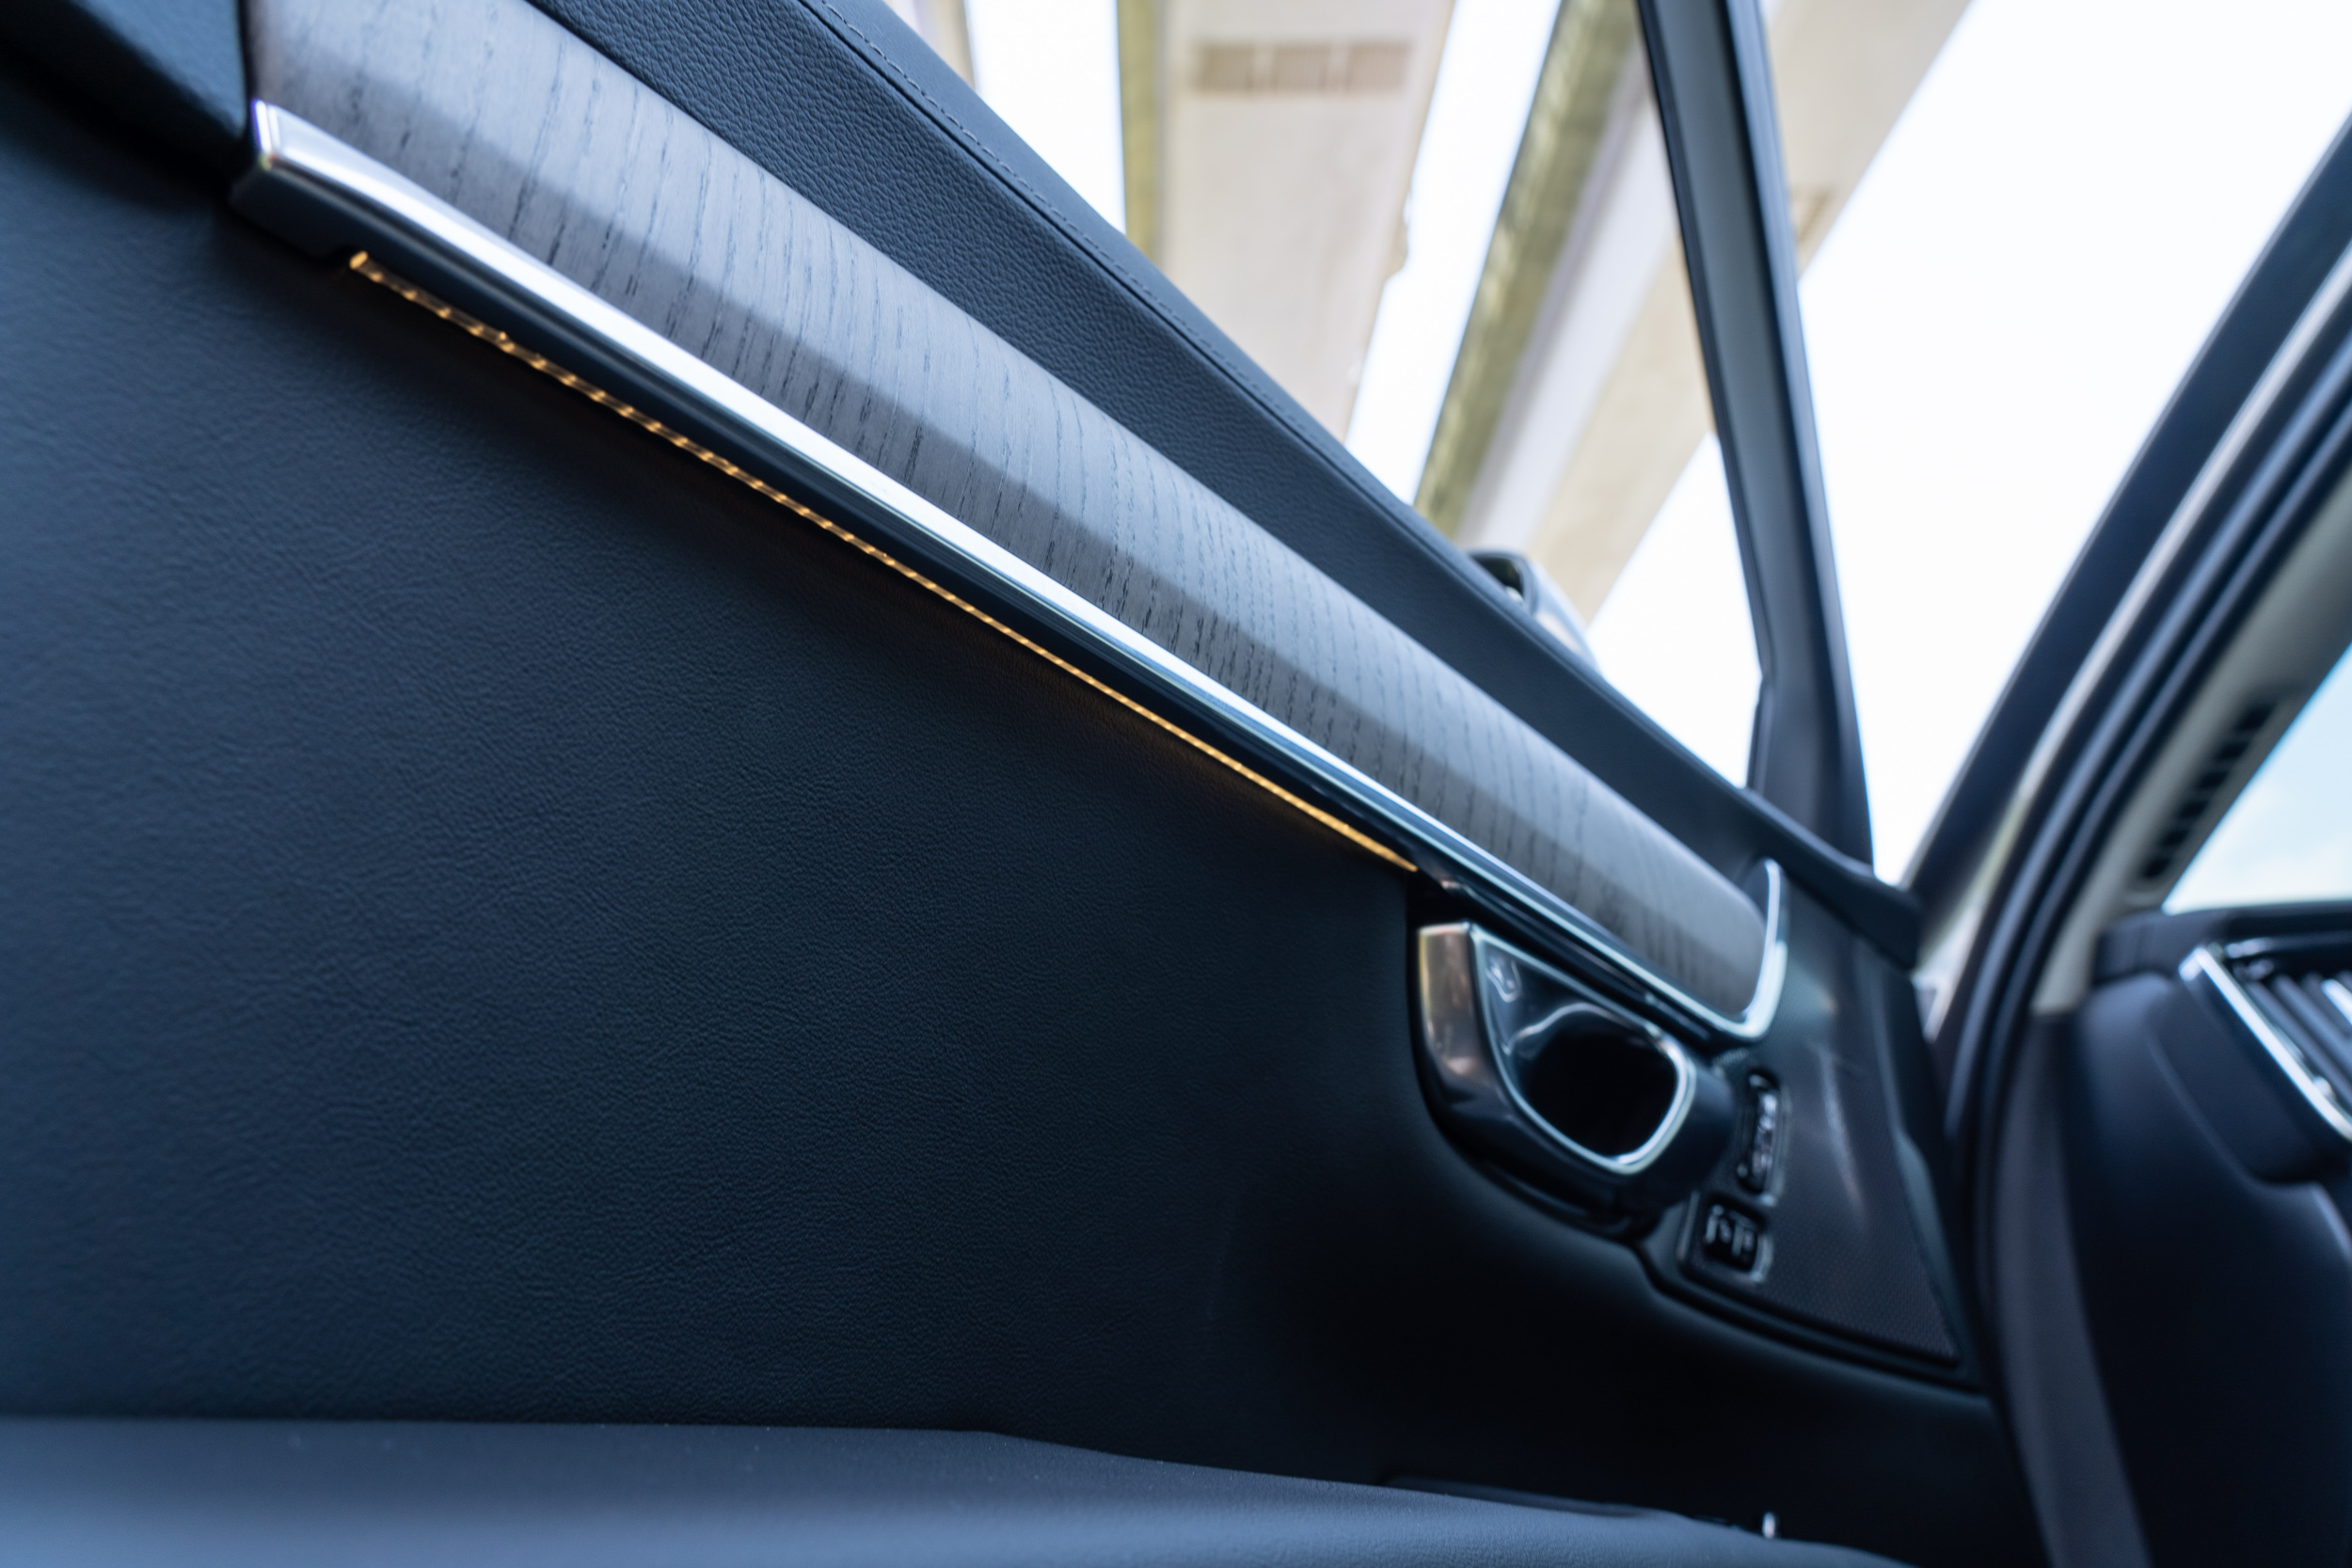 車室氣氛照明在車內必要地方裝設了 40 多盞燈光。